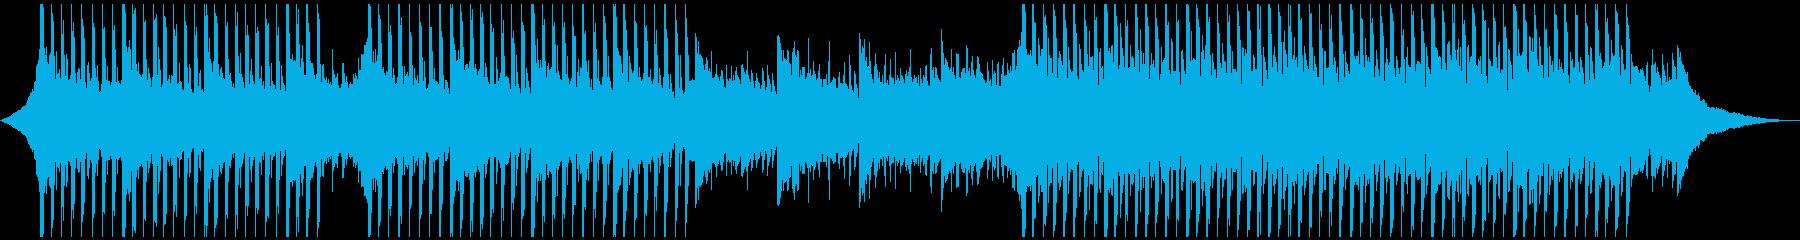 エレガント(ショート)の再生済みの波形